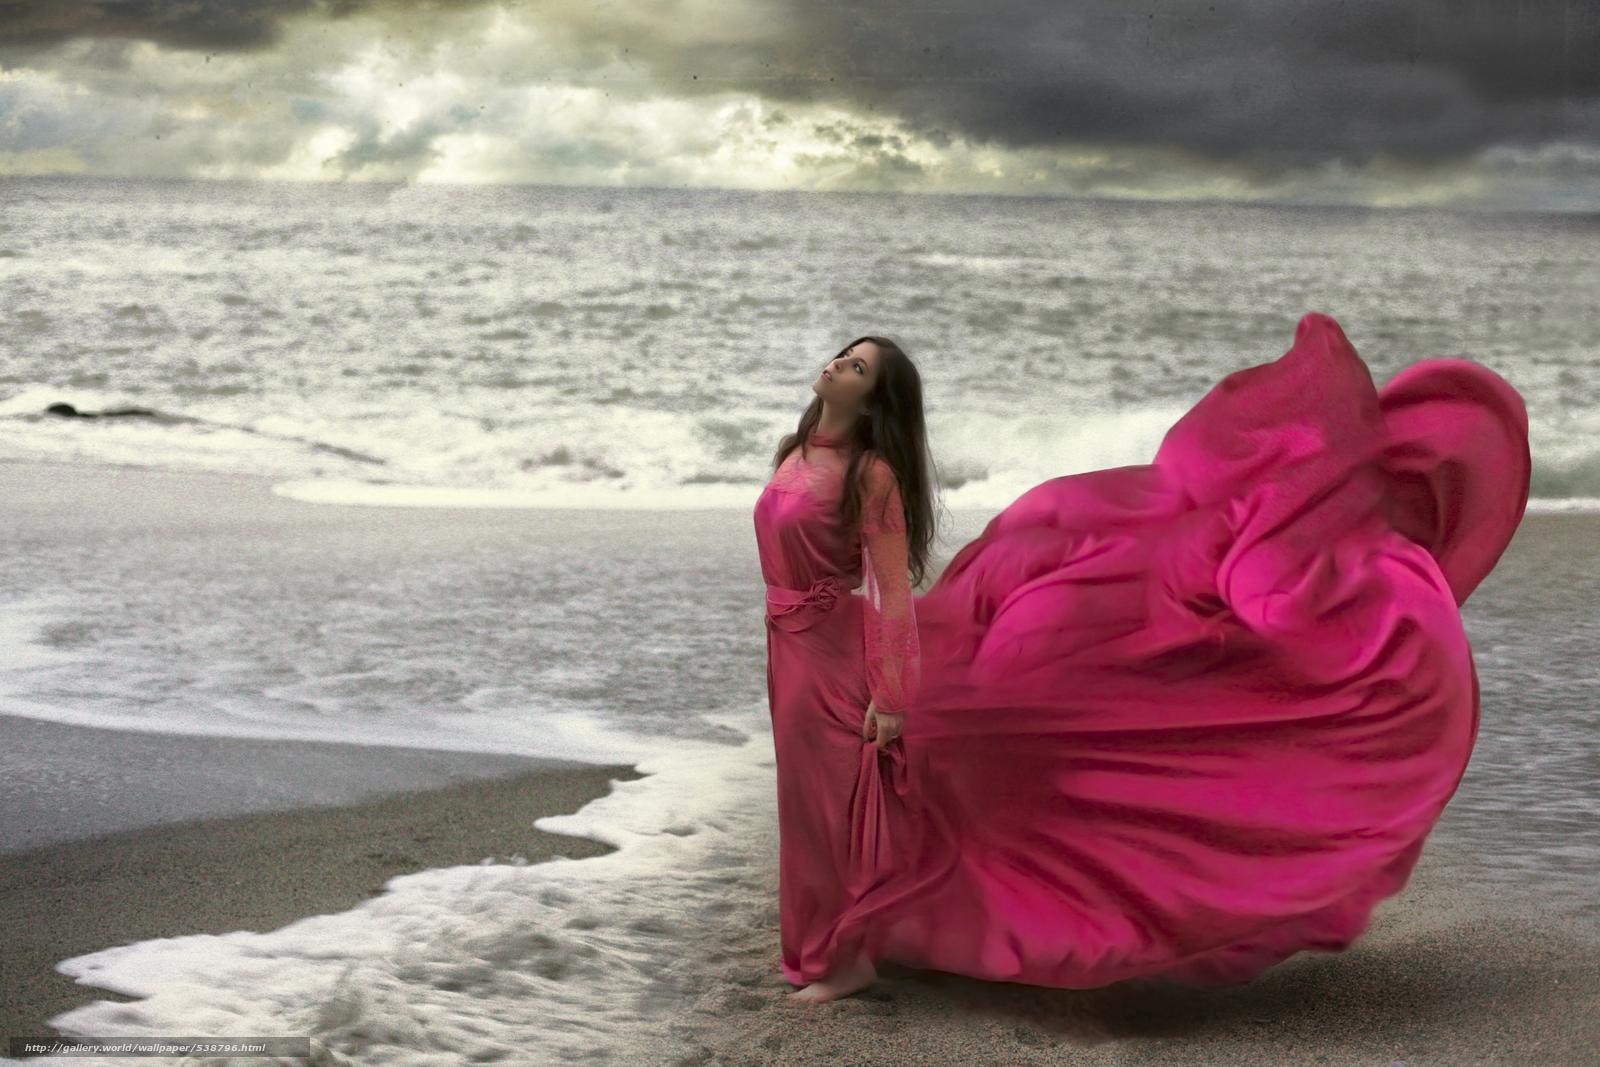 Фото на аву девушек в длином платье